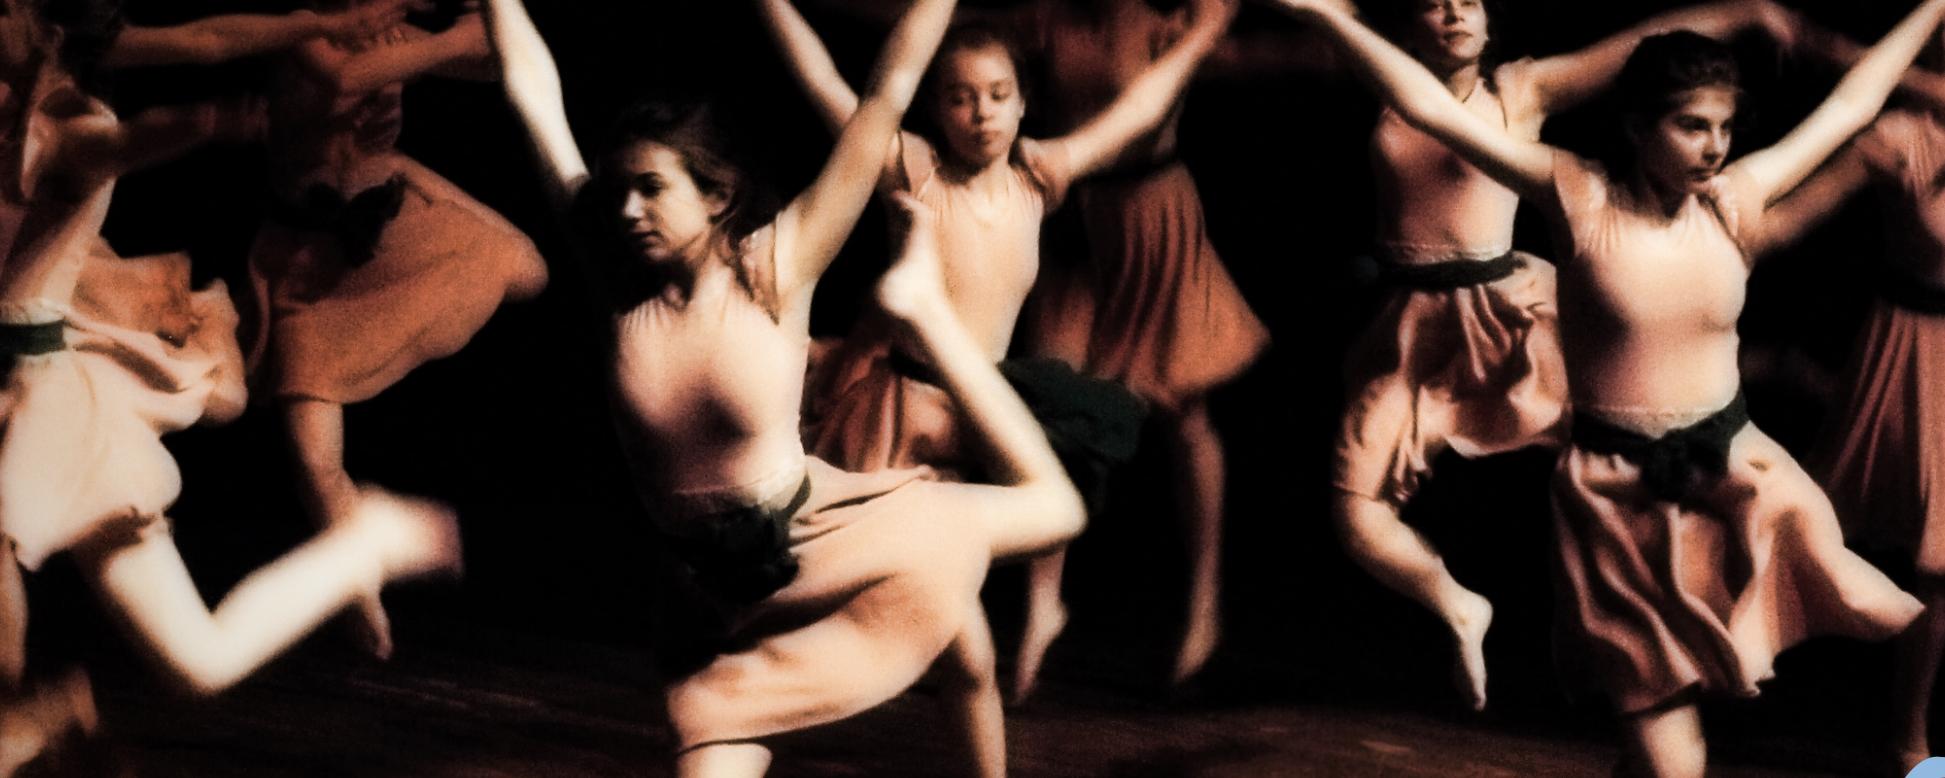 XVIII edycja Wojewódzkiego Festiwalu Współczesnych Form Tanecznych